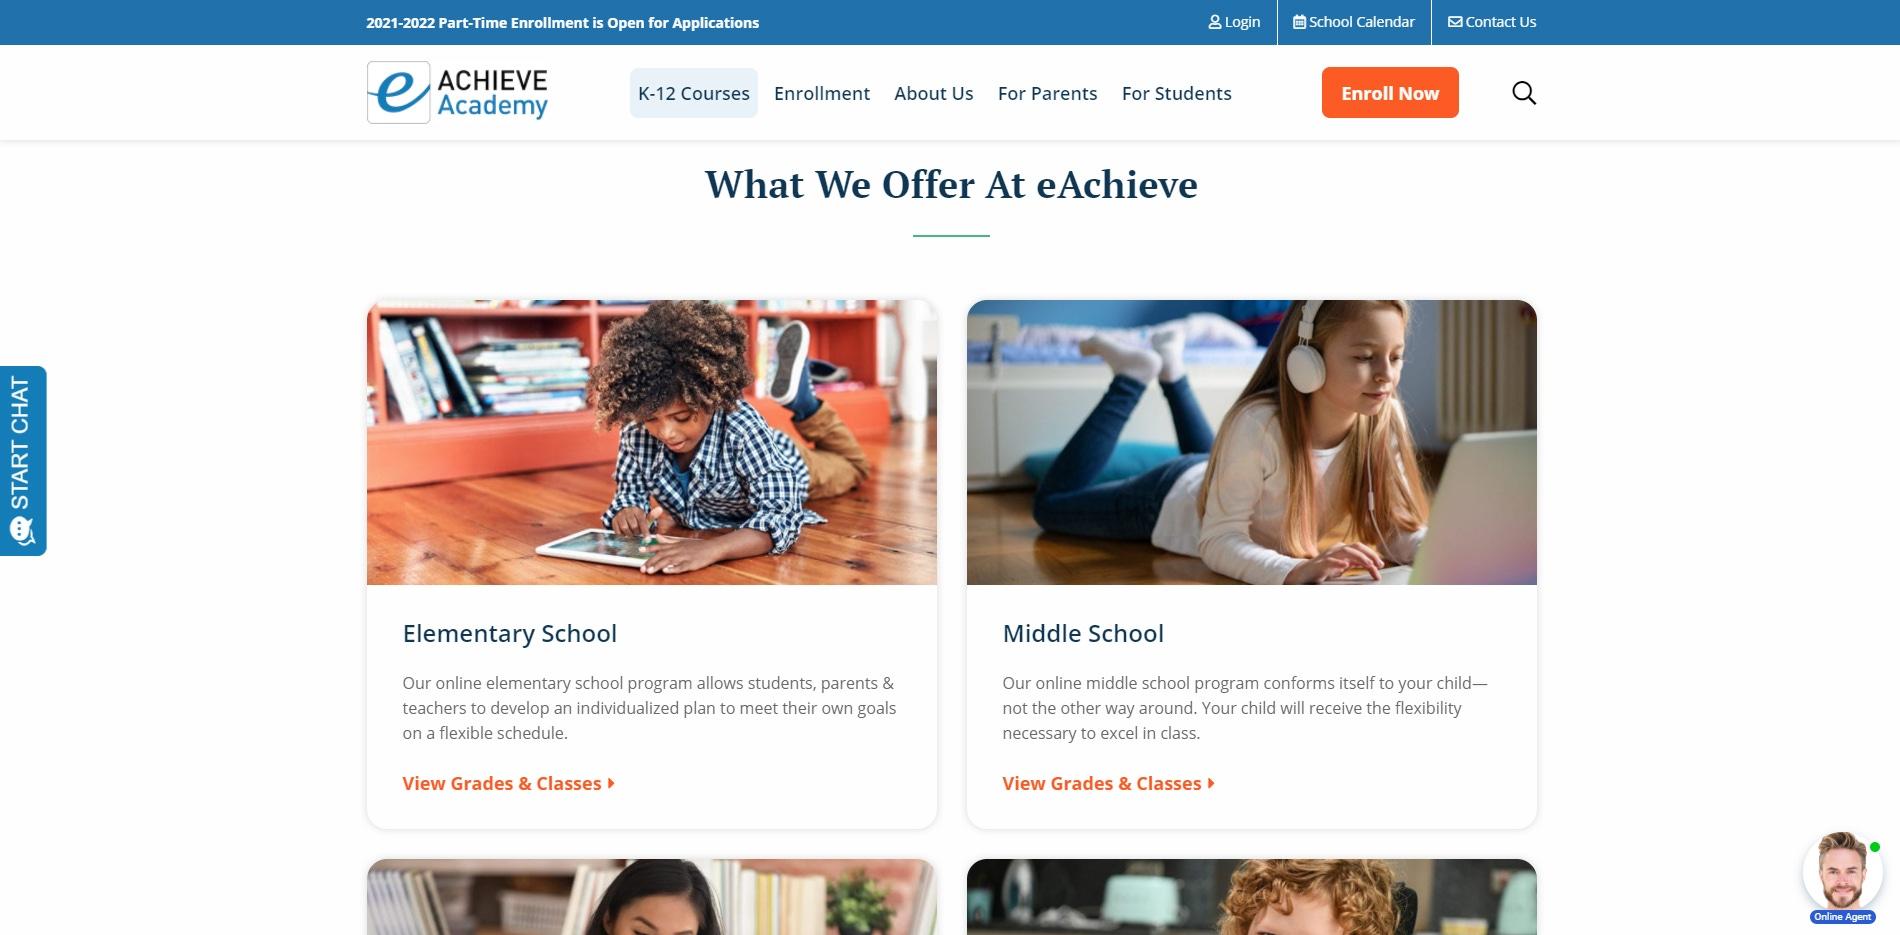 eAchieve website k-12 courses page